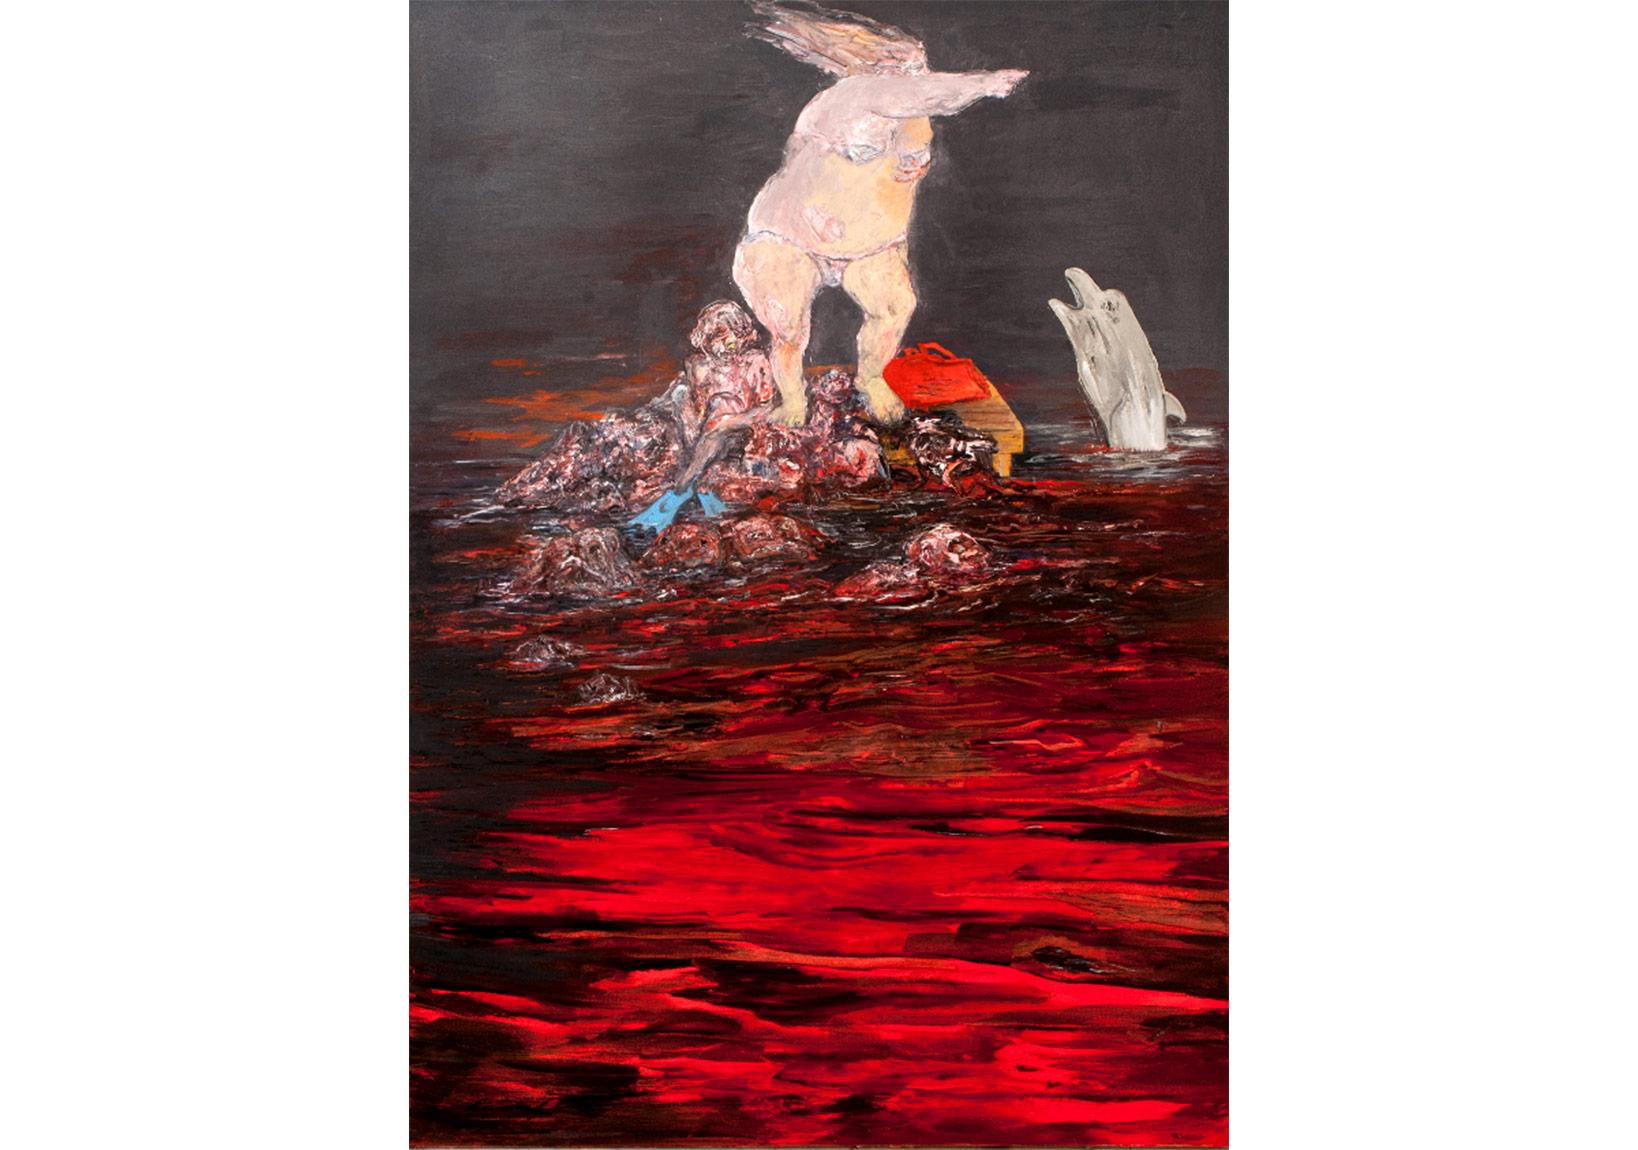 Ben Annen Değilim,2011,Tuval üzerine yağlıboya,250 x 180 cm,Sanatçı Koleksiyonu